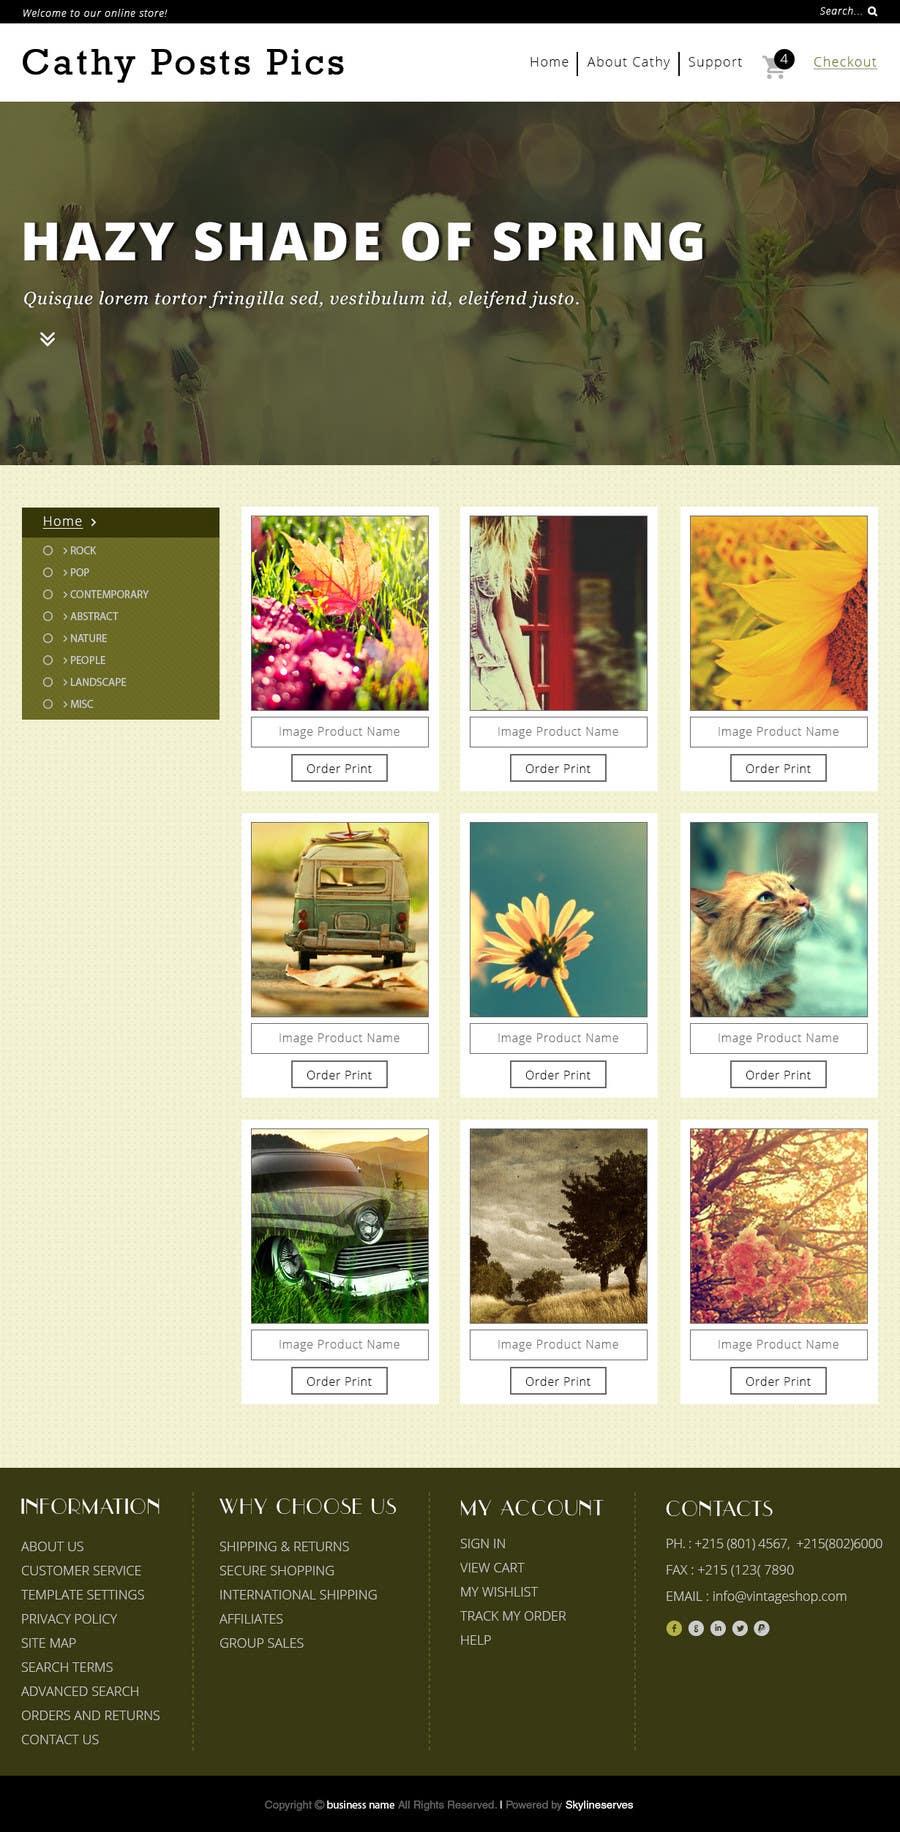 Konkurrenceindlæg #                                        29                                      for                                         Cathy Posts Pics - Website Design